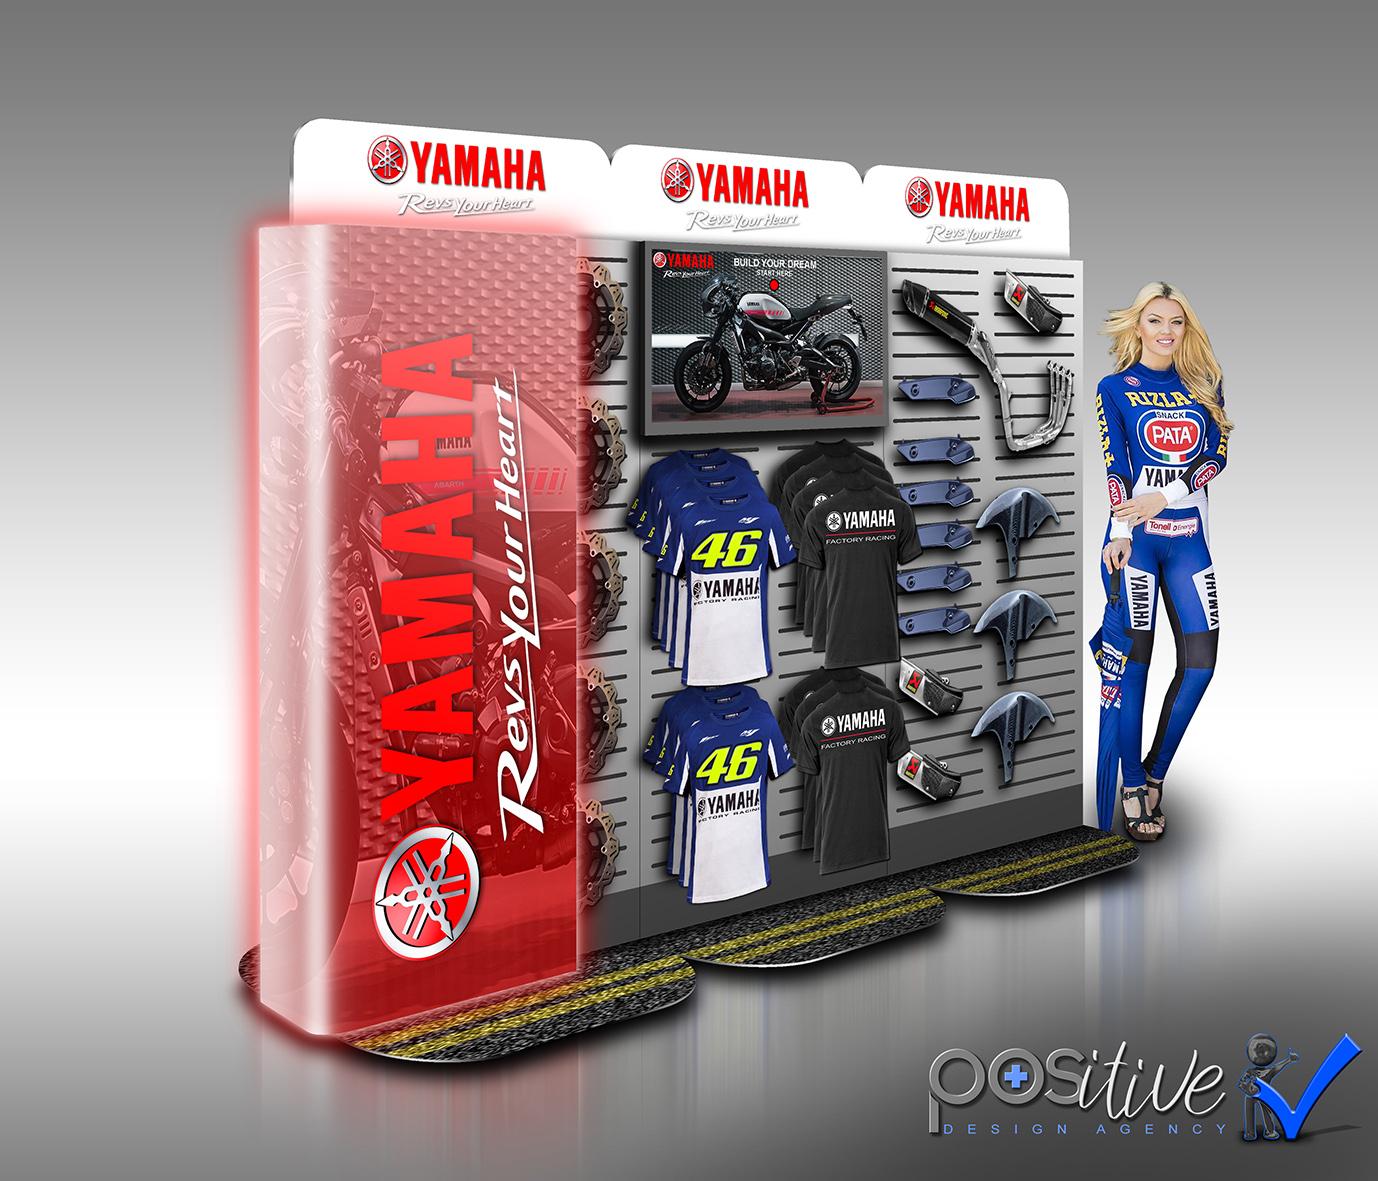 Yamaha Merchandising Station